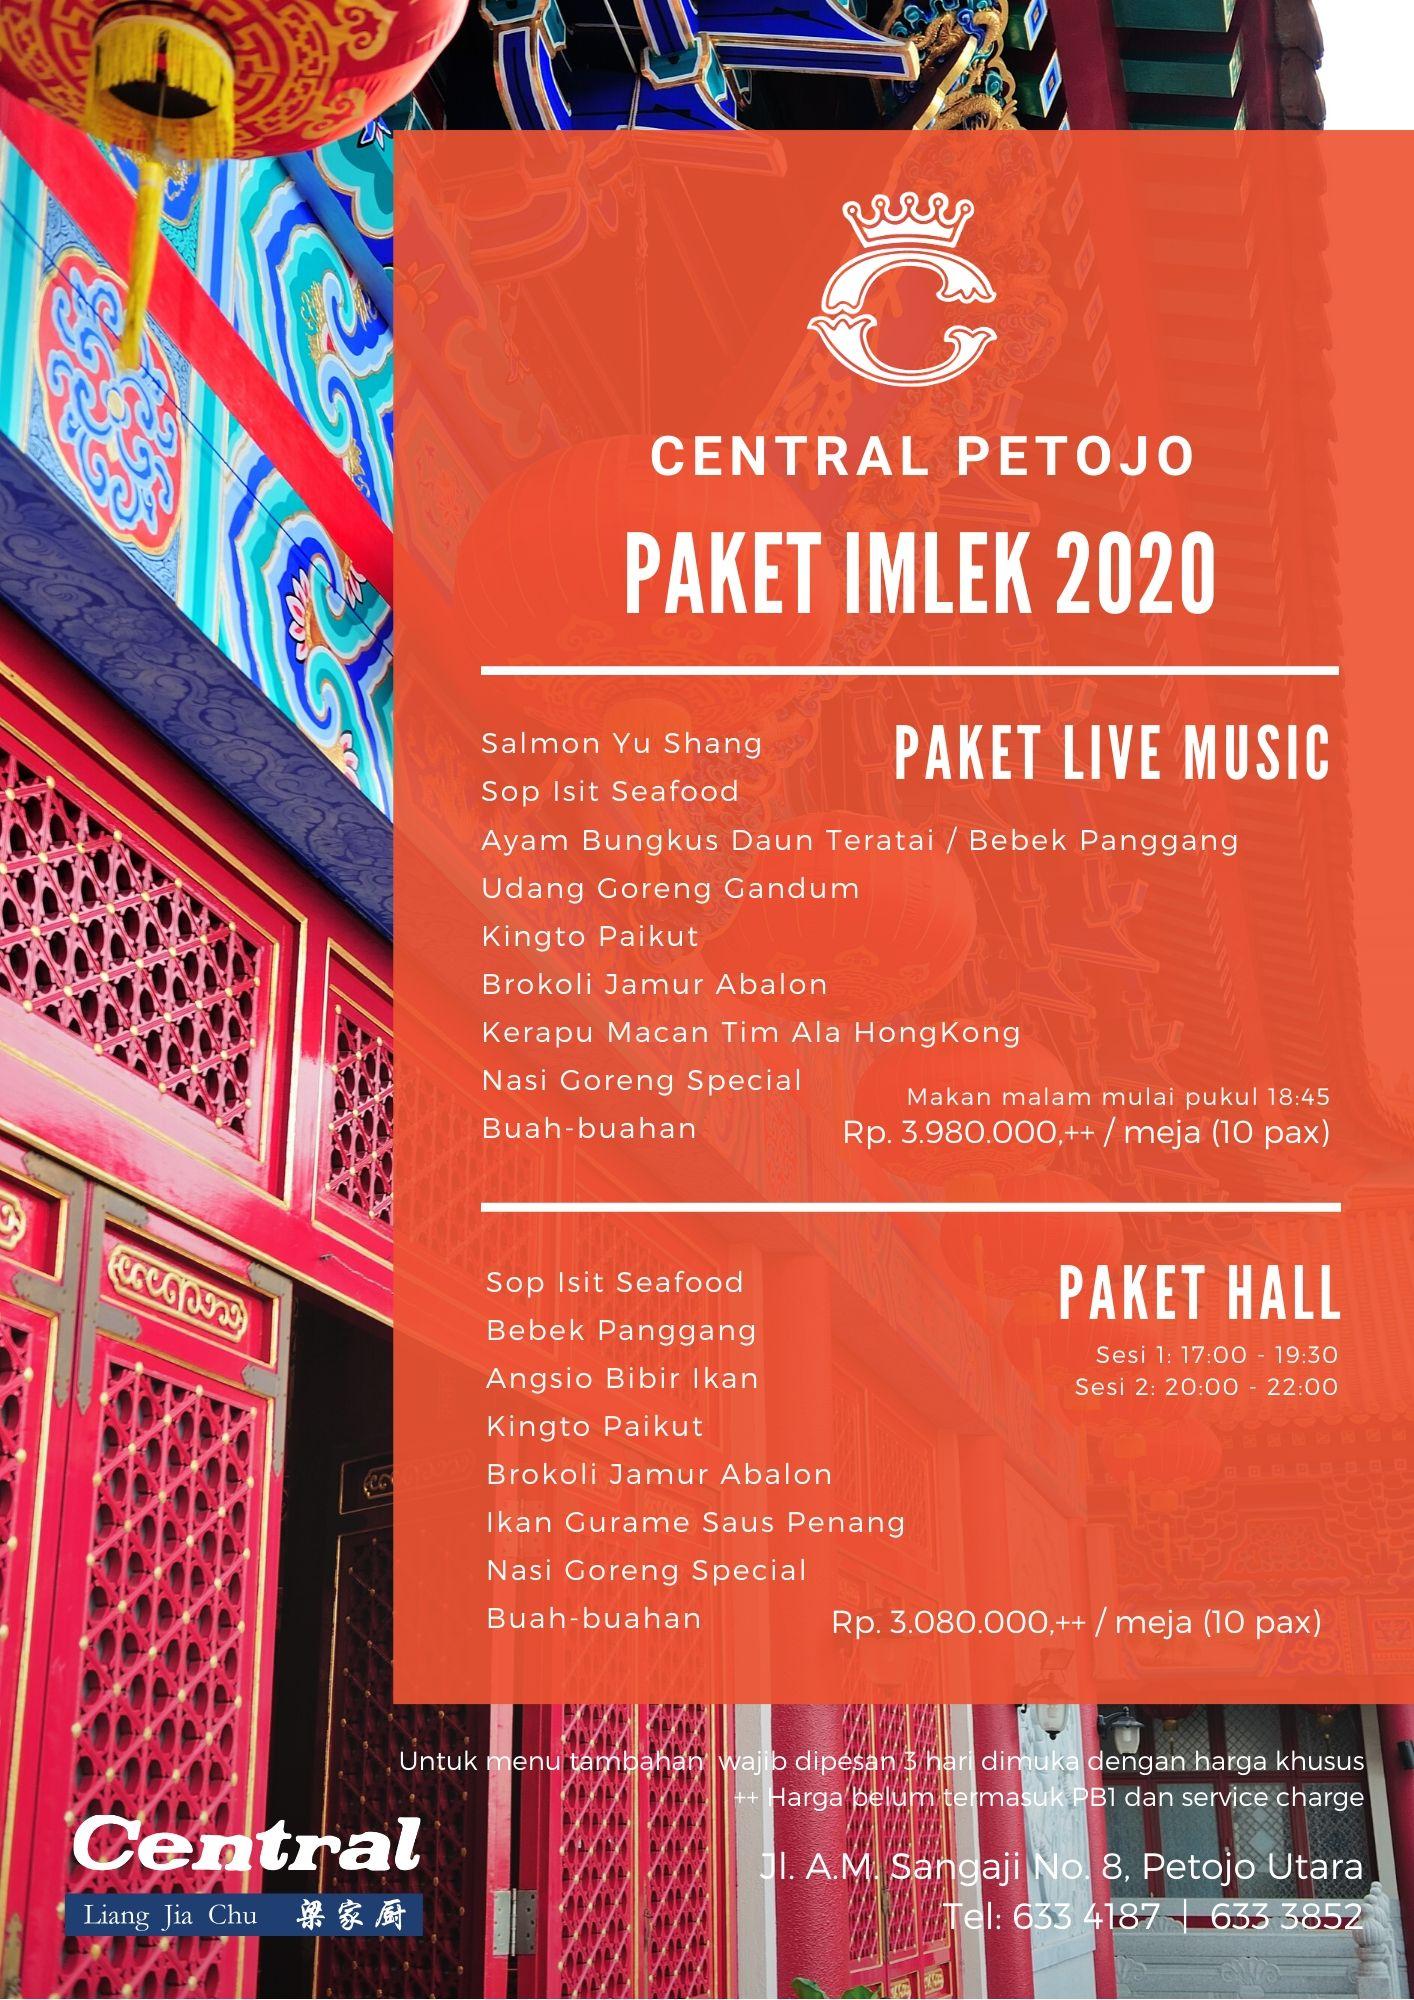 Paket Imlek Chinese New Year 2020